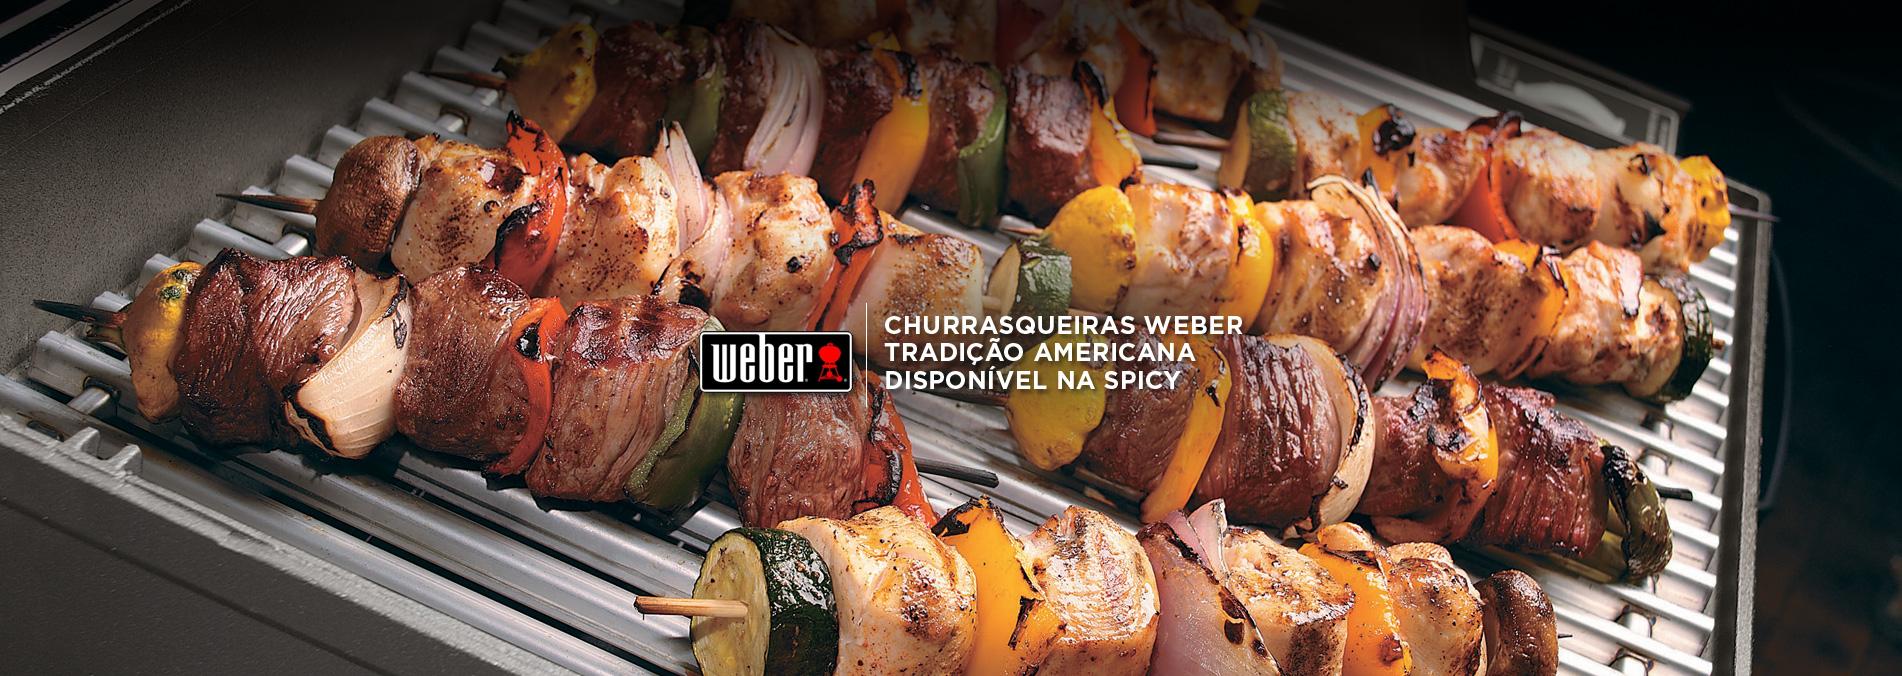 banner-churrasco-1-WEBER